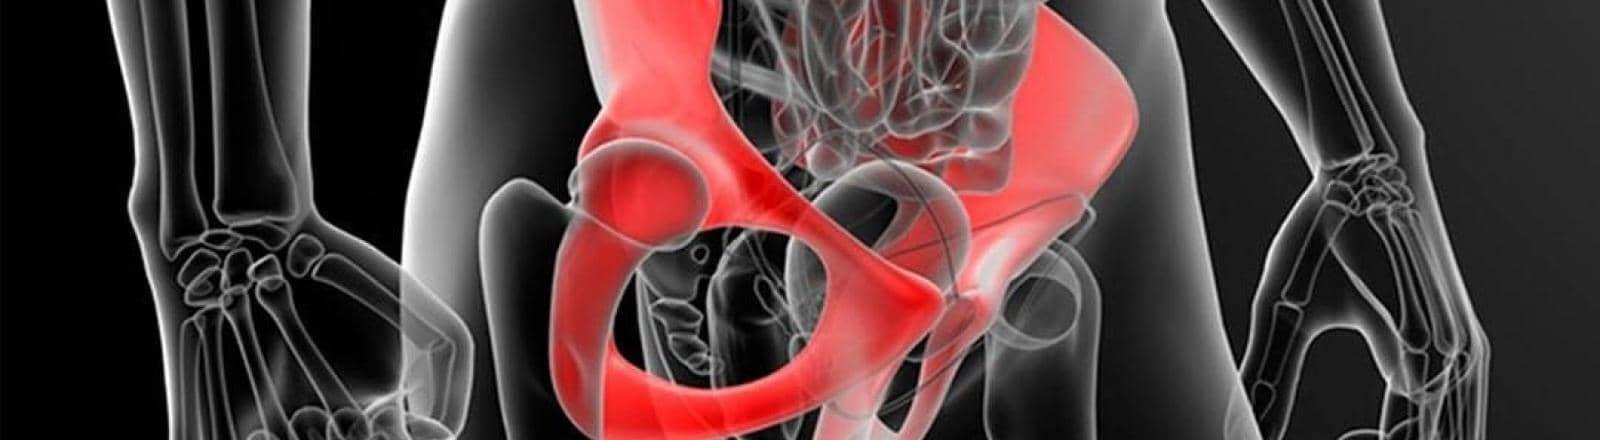 osteopatía de pubis o pubalgia